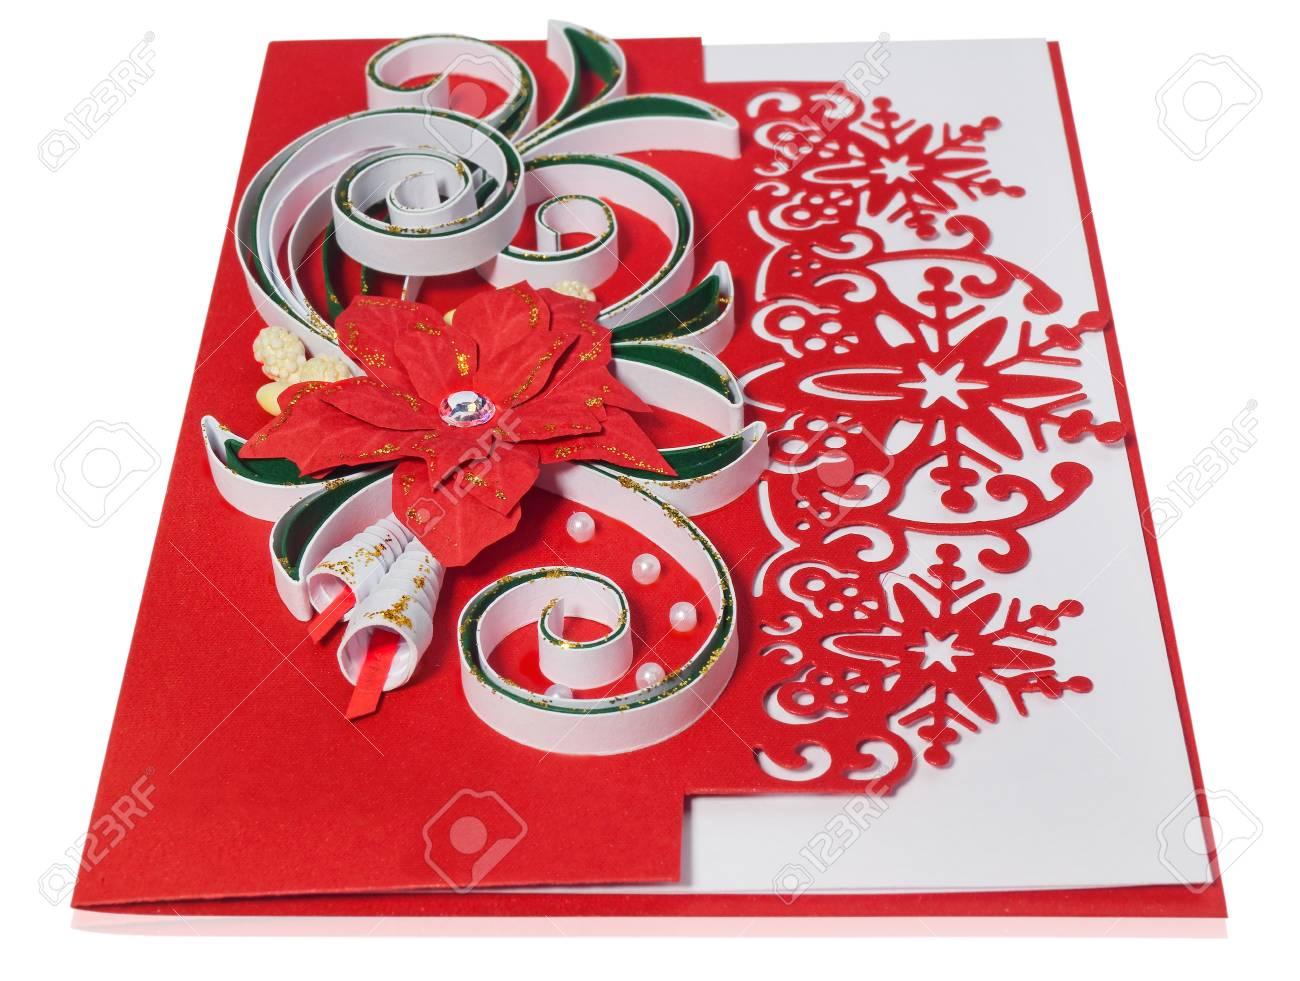 Handmade Christmas Card Postcard With Merry Christmas Greetings